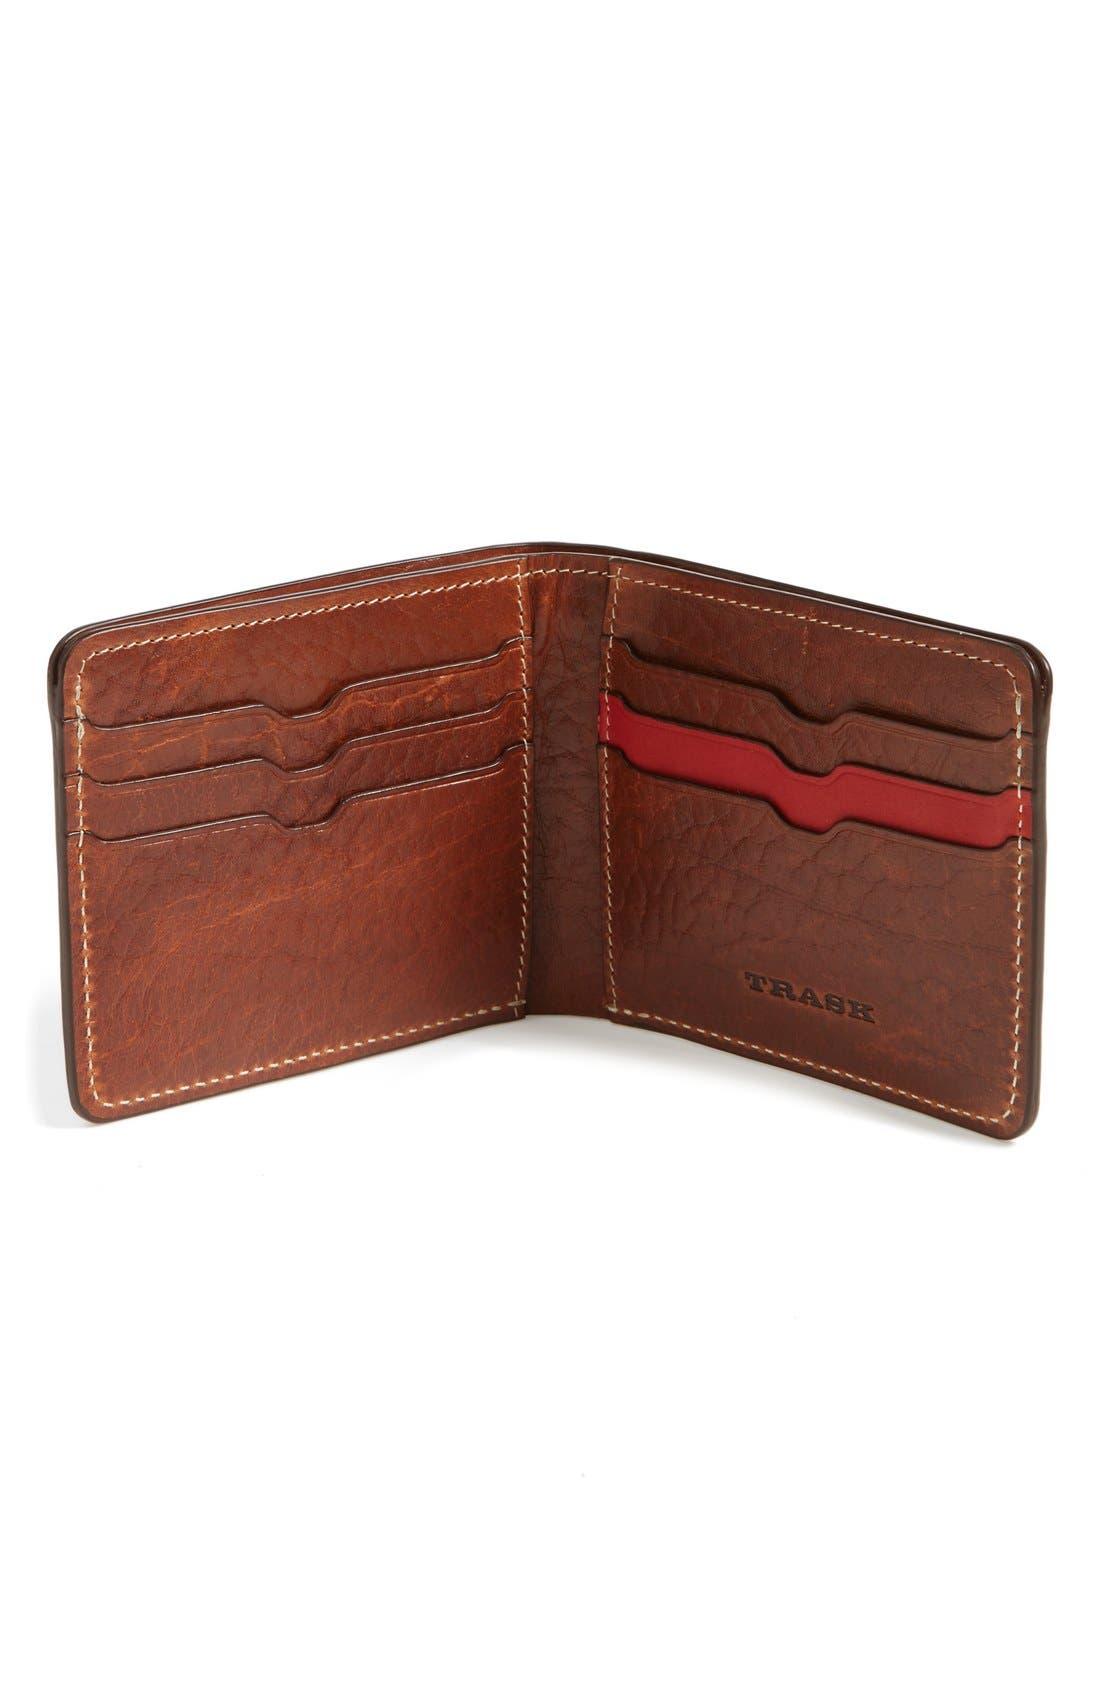 Alternate Image 2  - Trask 'Jackson' Bison Leather Wallet